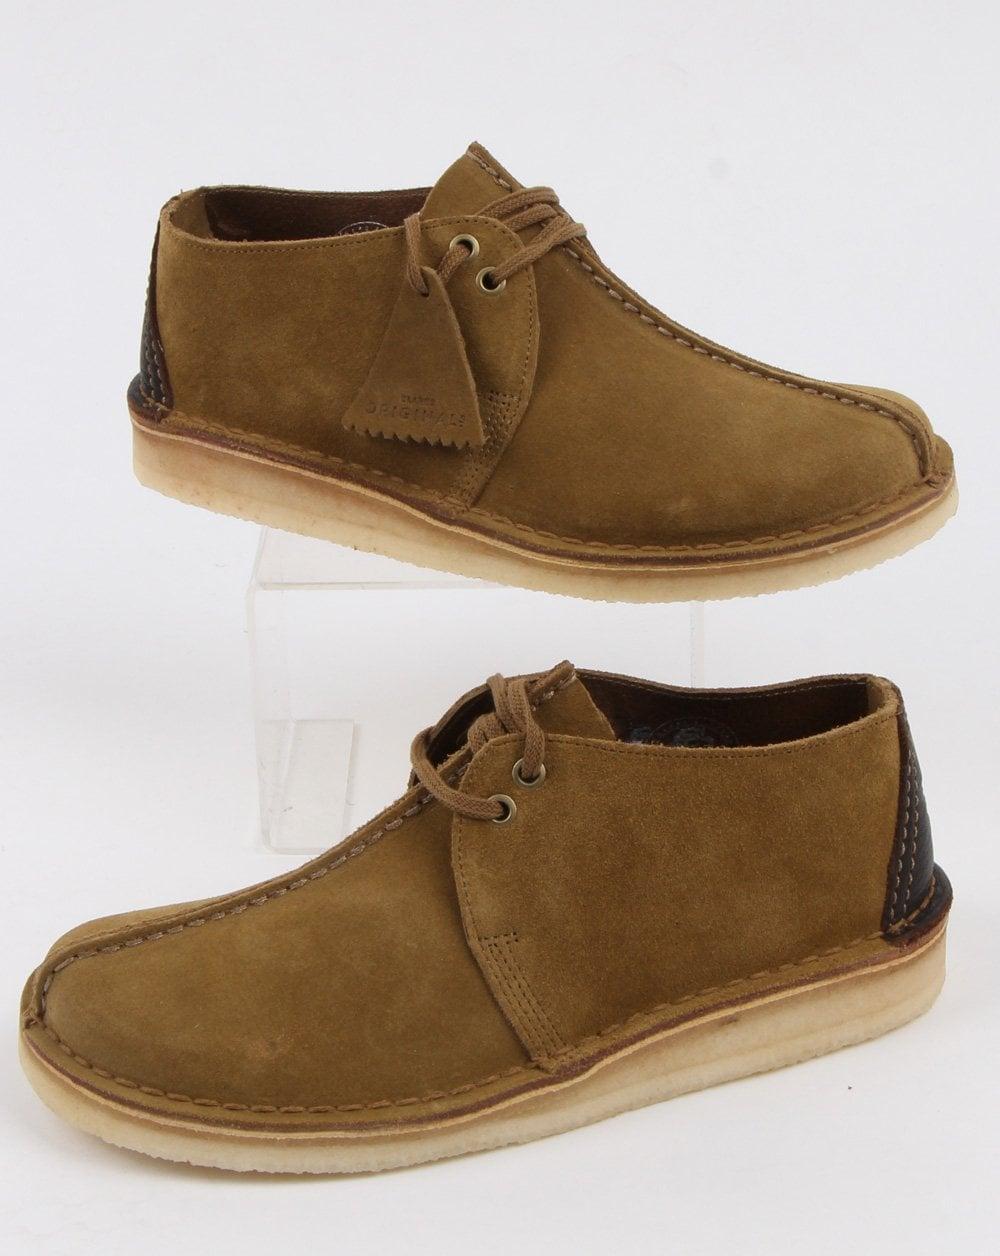 Boots, Suede Desert Trek, Olive